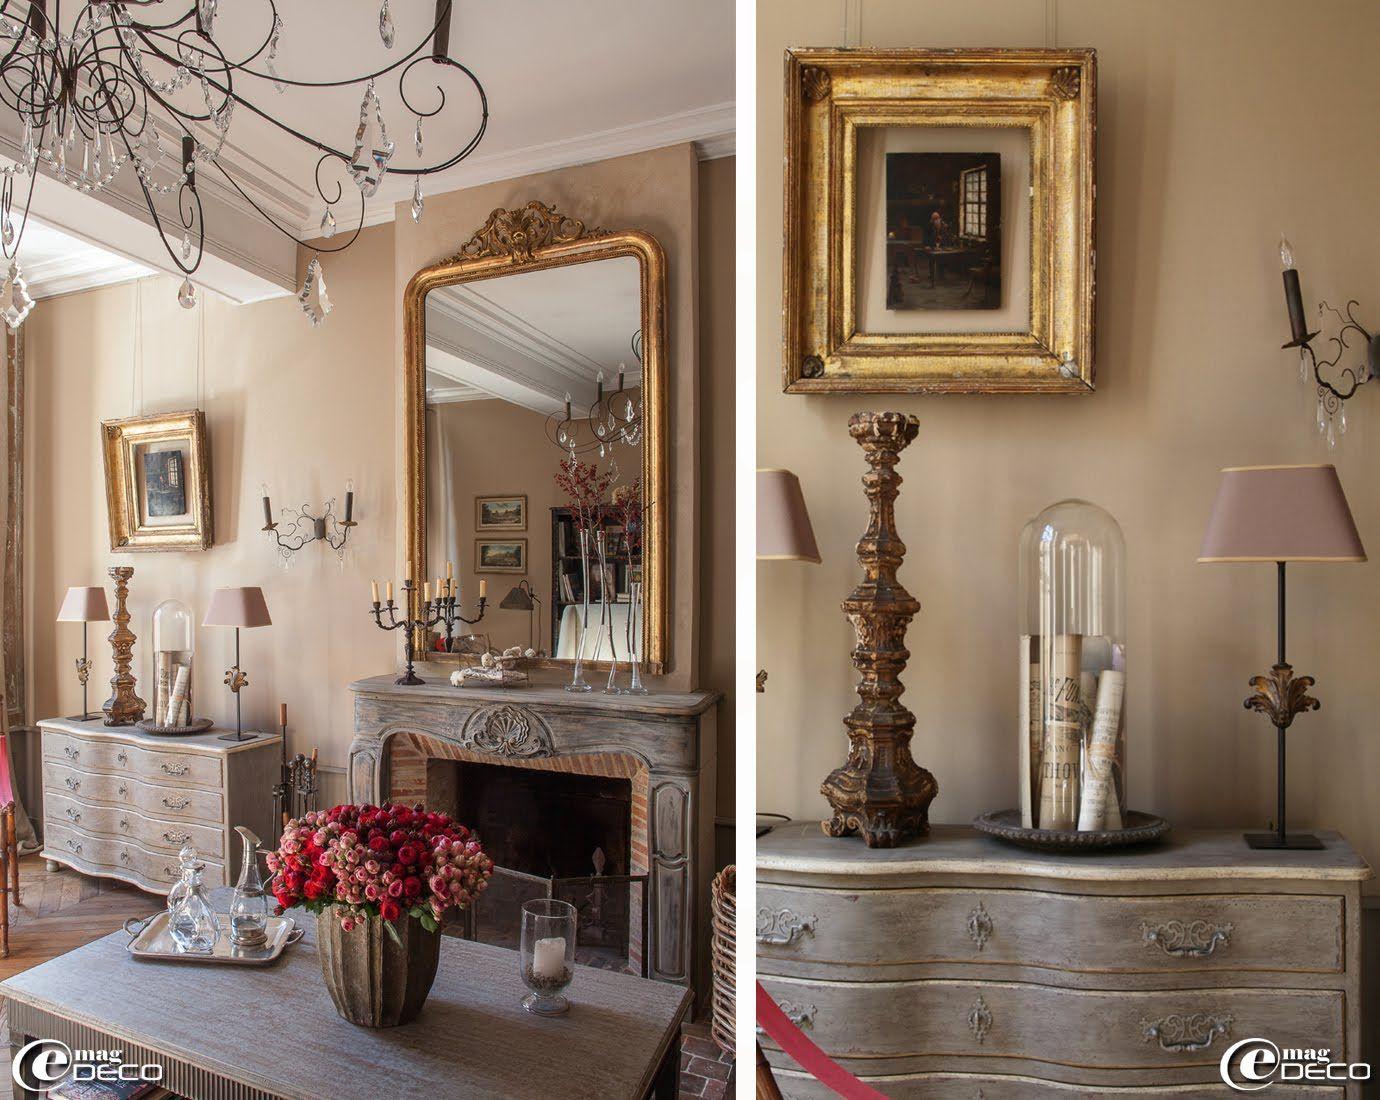 Cheminée de style rocaille en bois patinée, grand miroir doré XIXème, lustre 'Vox Populi' et table basse patinée à pieds fuseaux 'Blanc d'Ivoire'